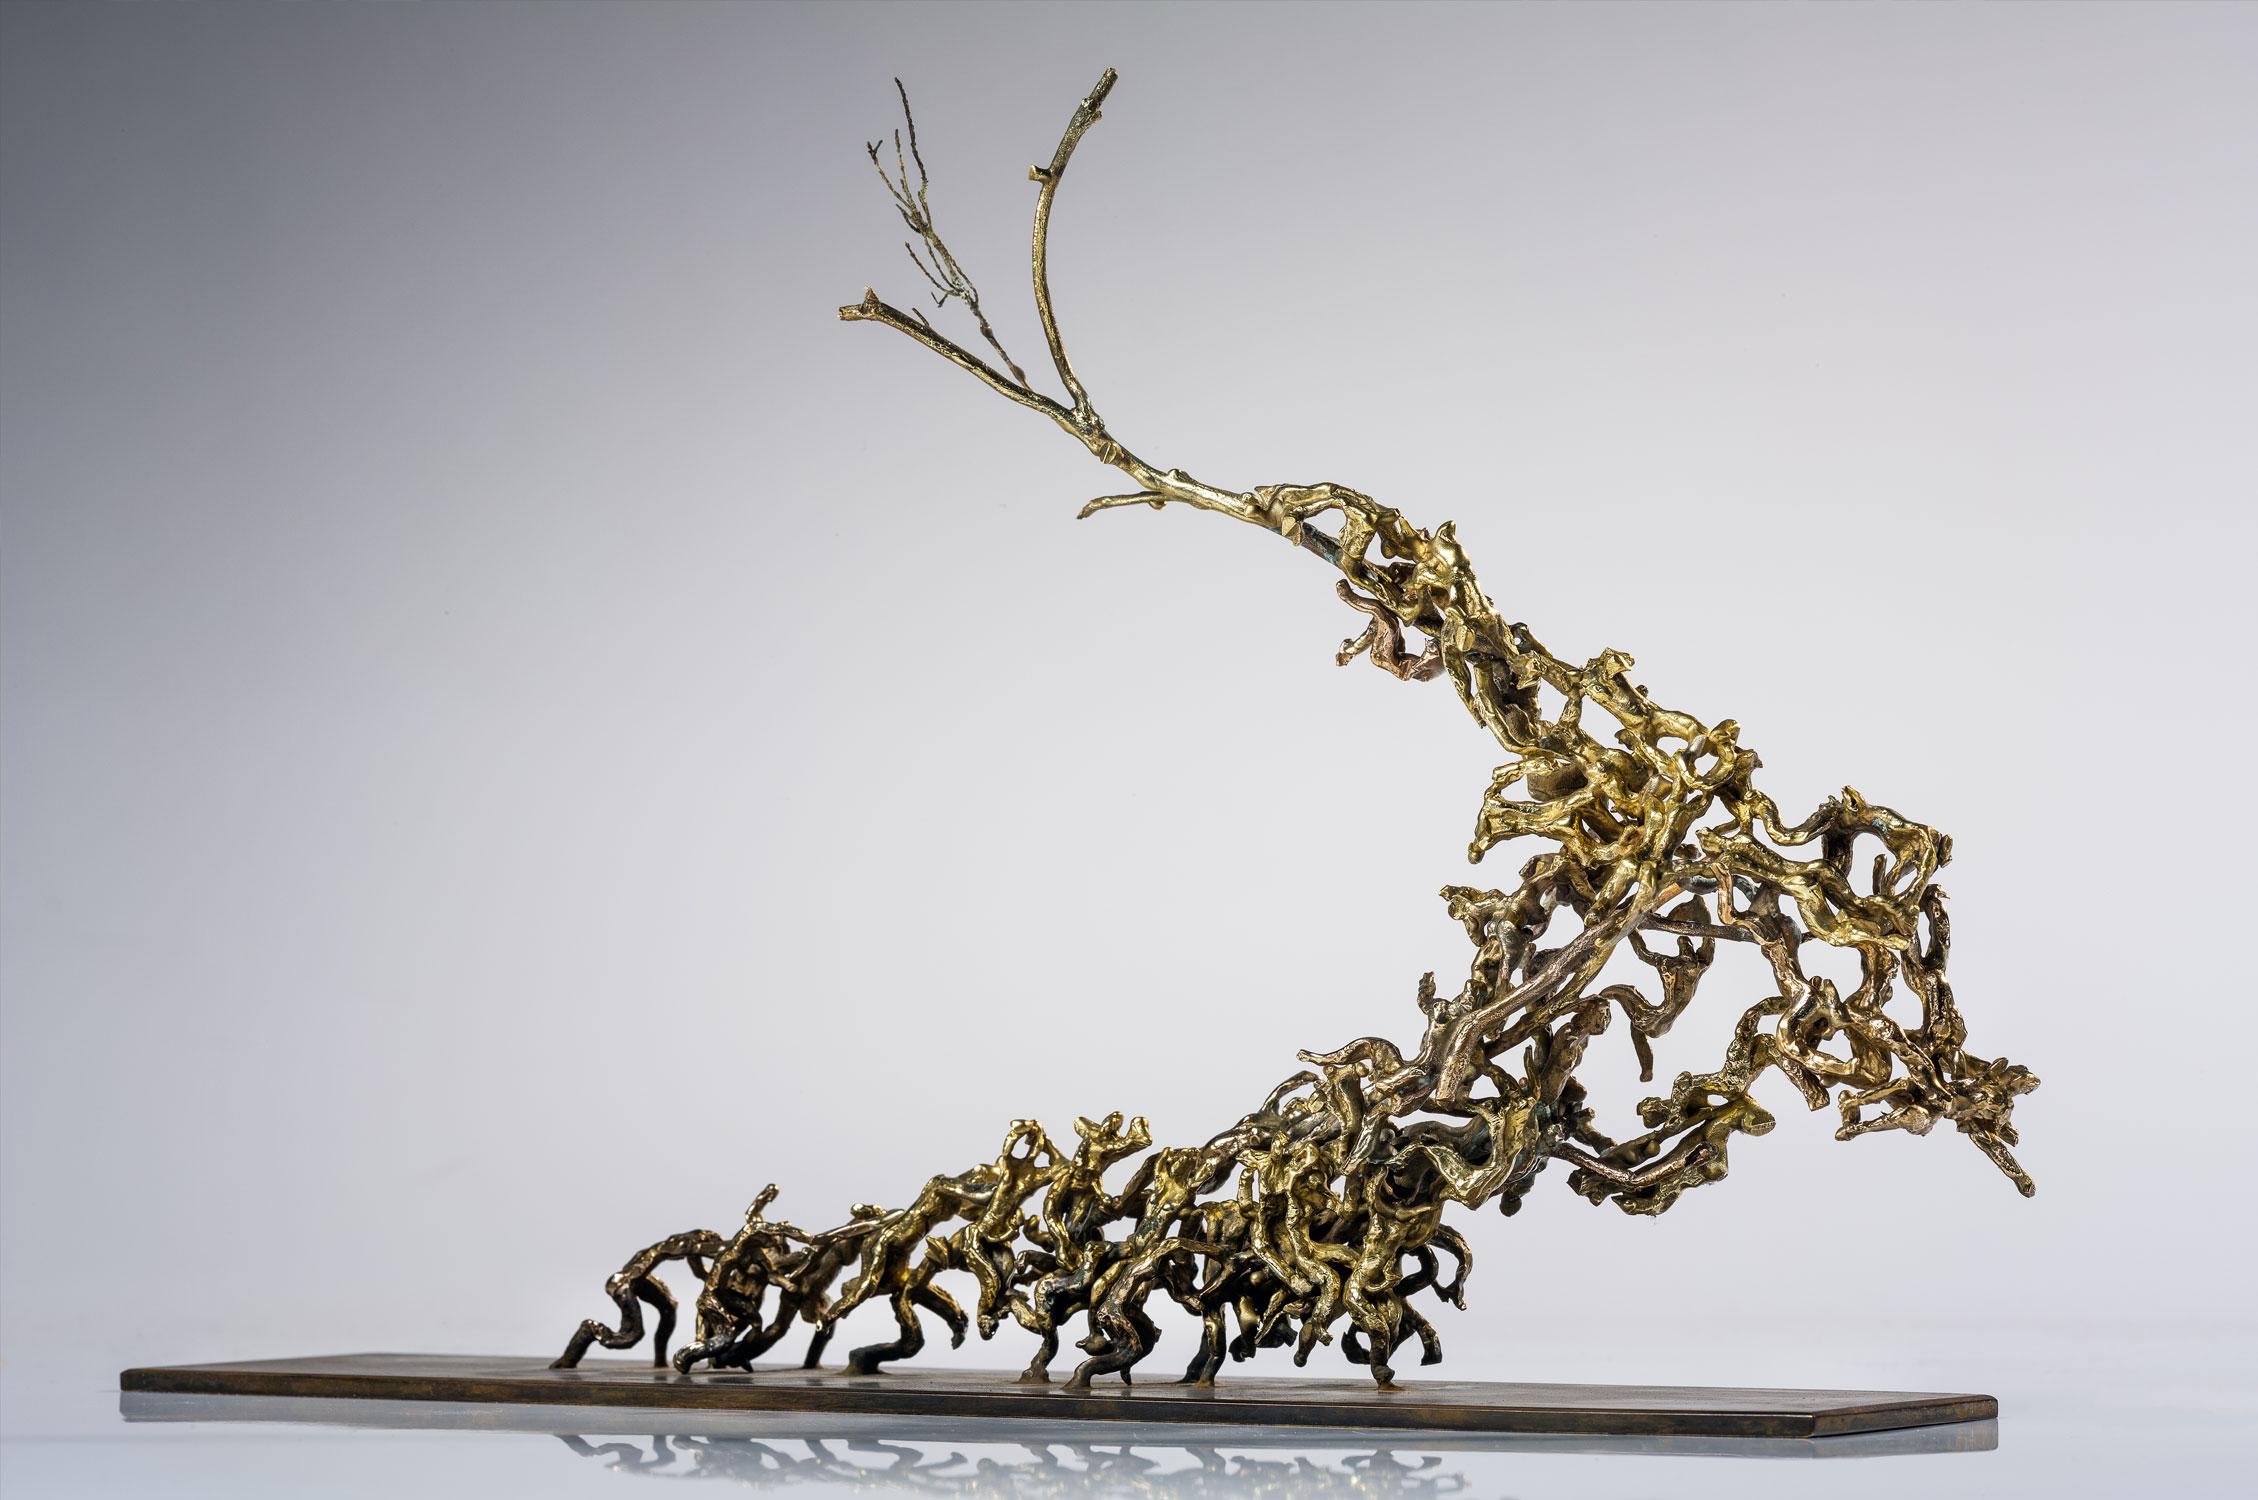 nature culture peuples bronze sculpture art écologie réchauffement climatique